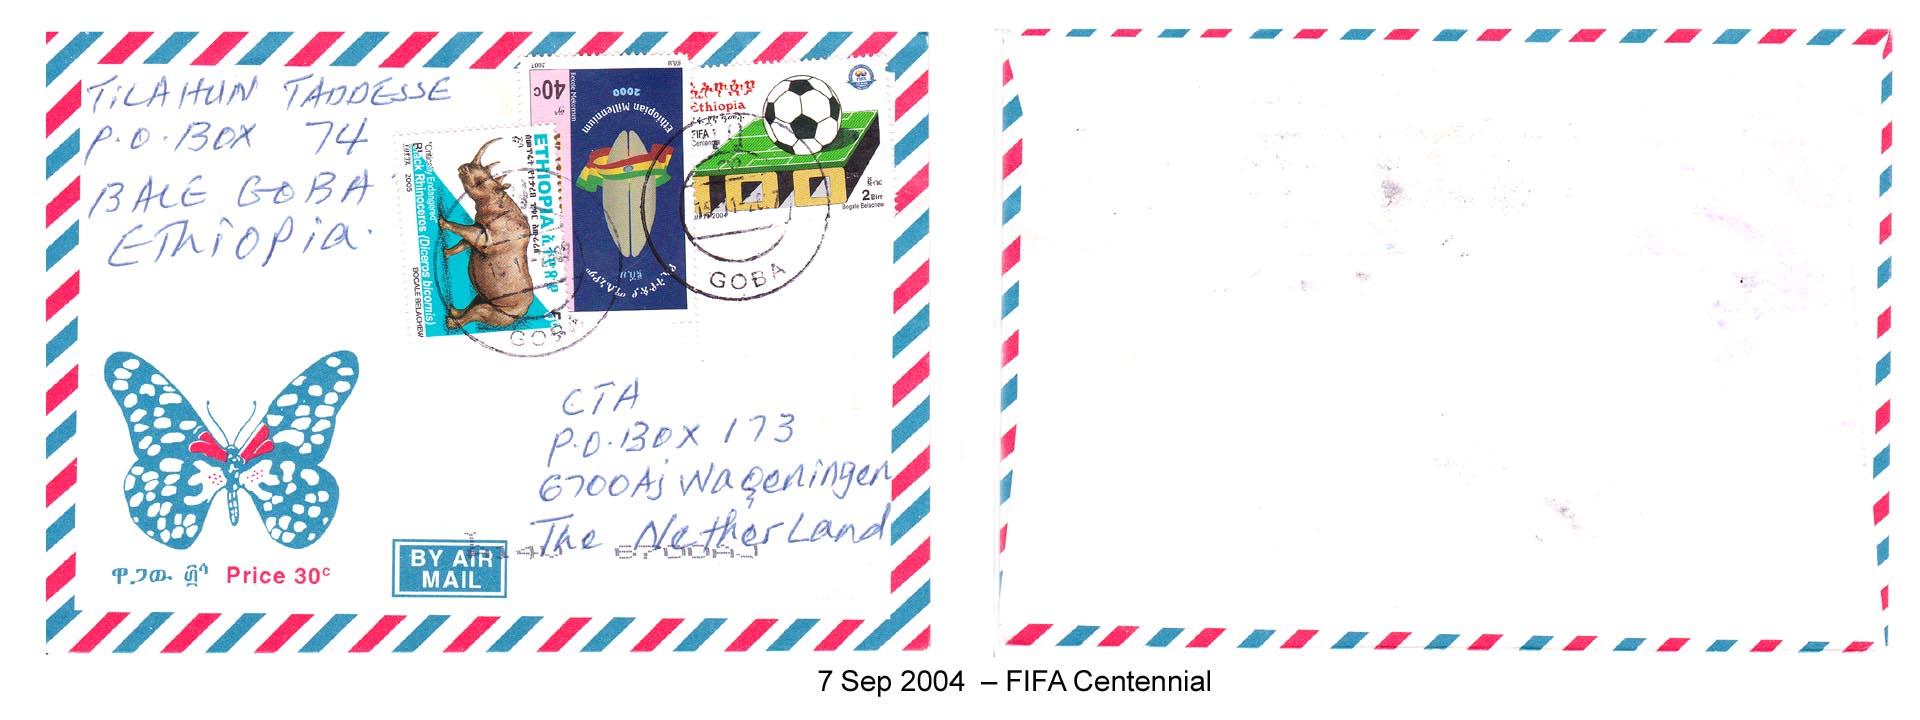 20040907 – FIFA Centennial